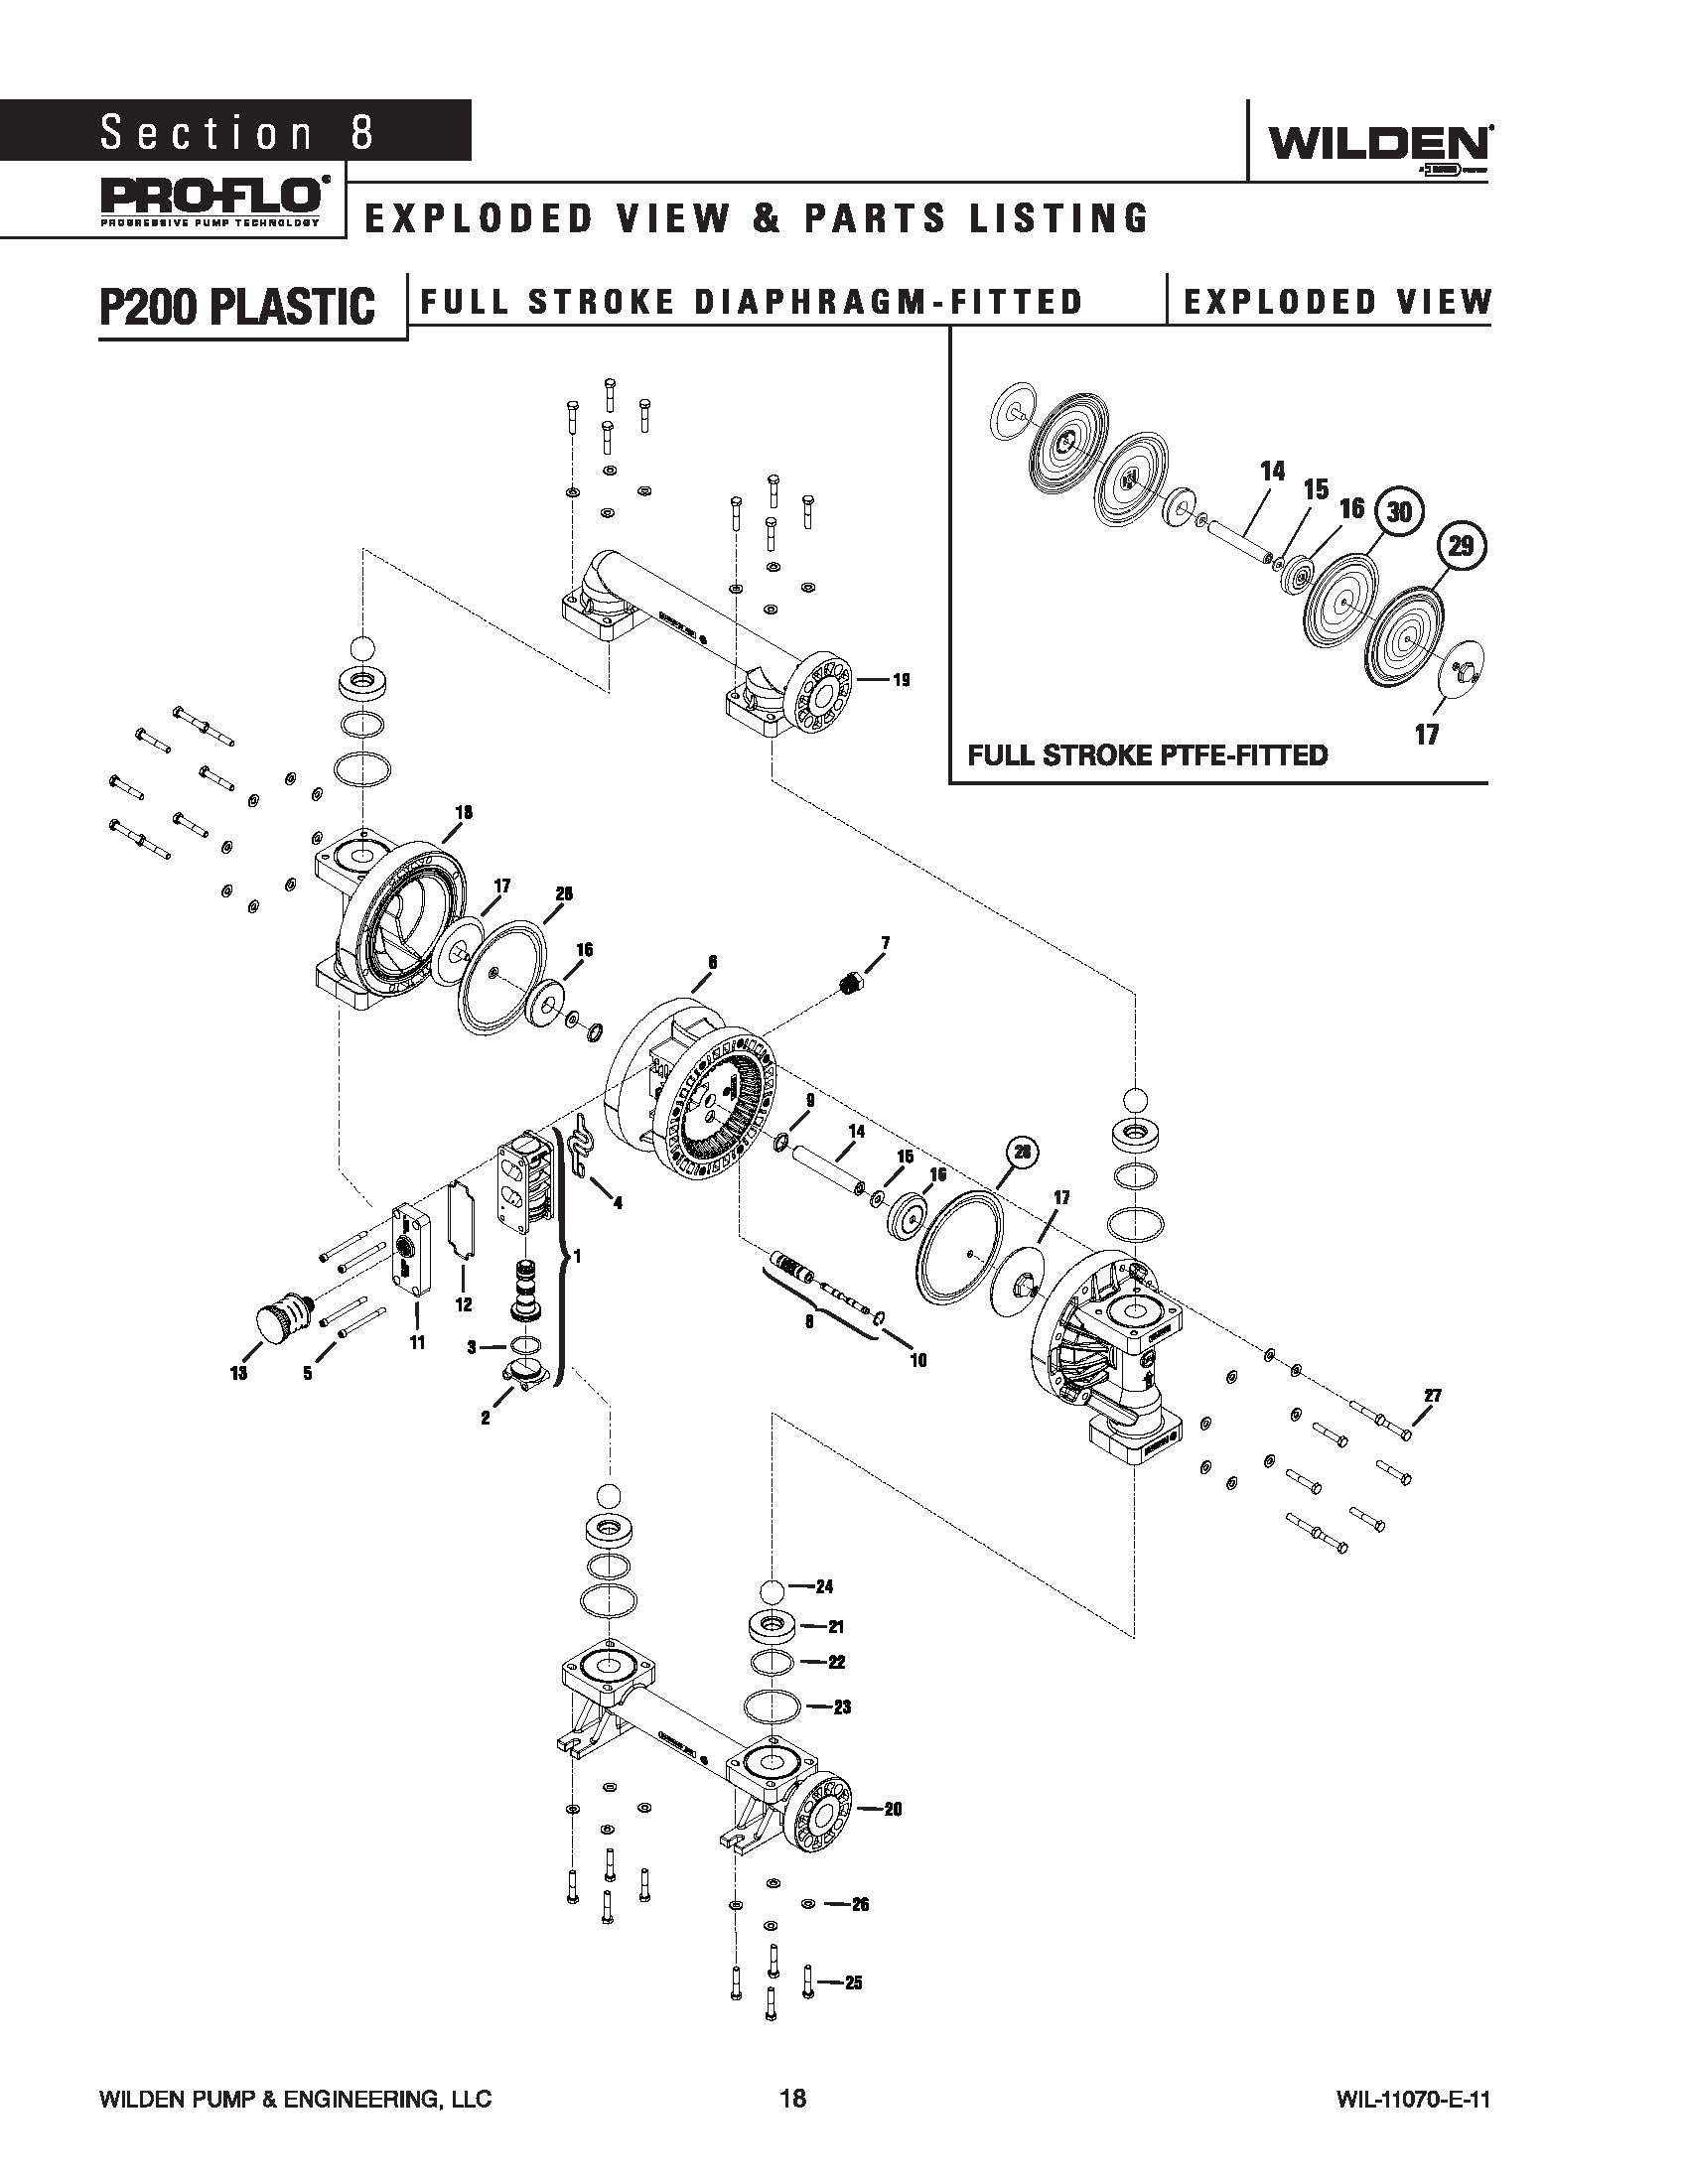 goulds pump srl c parts wiring diagram database. Black Bedroom Furniture Sets. Home Design Ideas